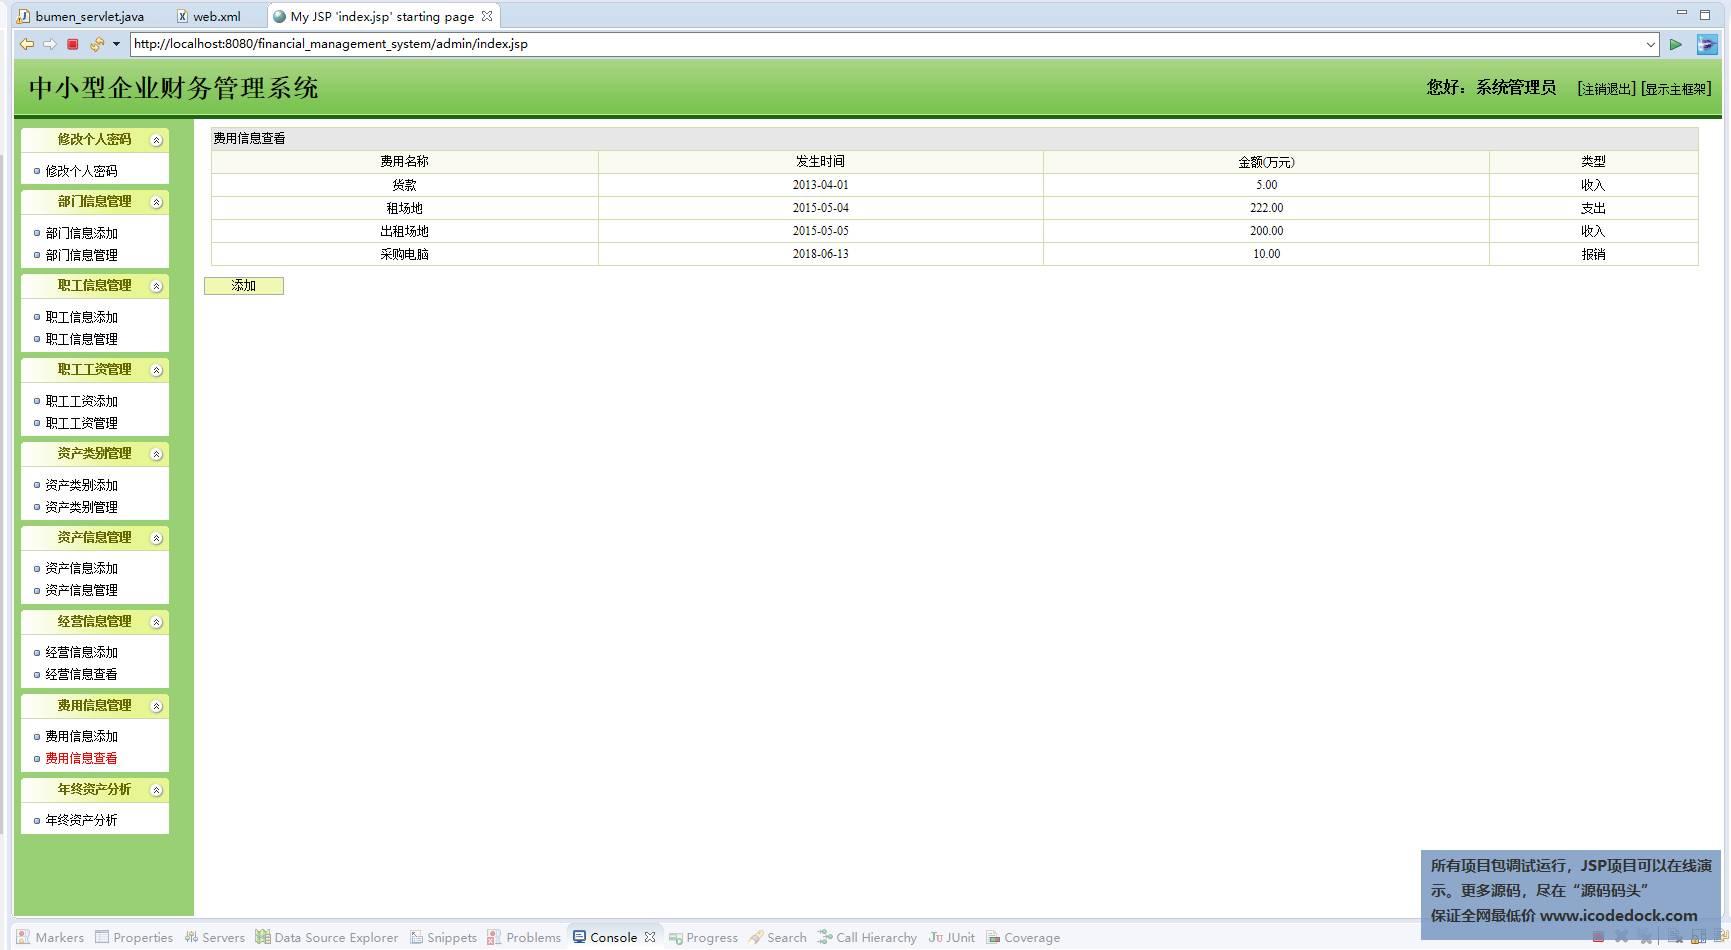 源码码头-JSP企业财务管理系统-管理员角色-费用信息管理